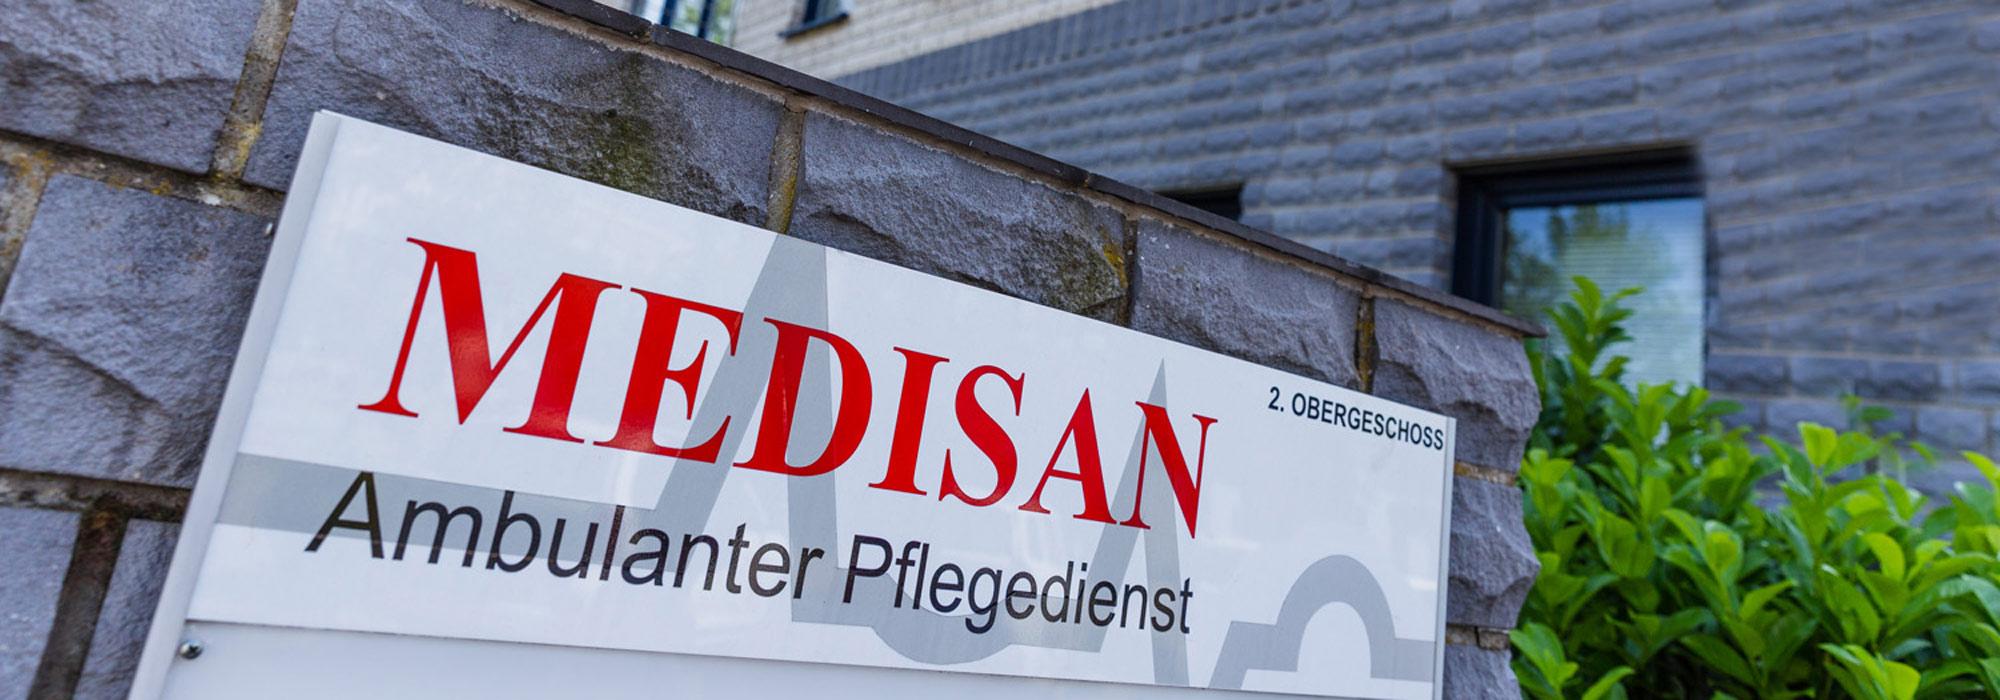 Medisan GmbH und Co. KG